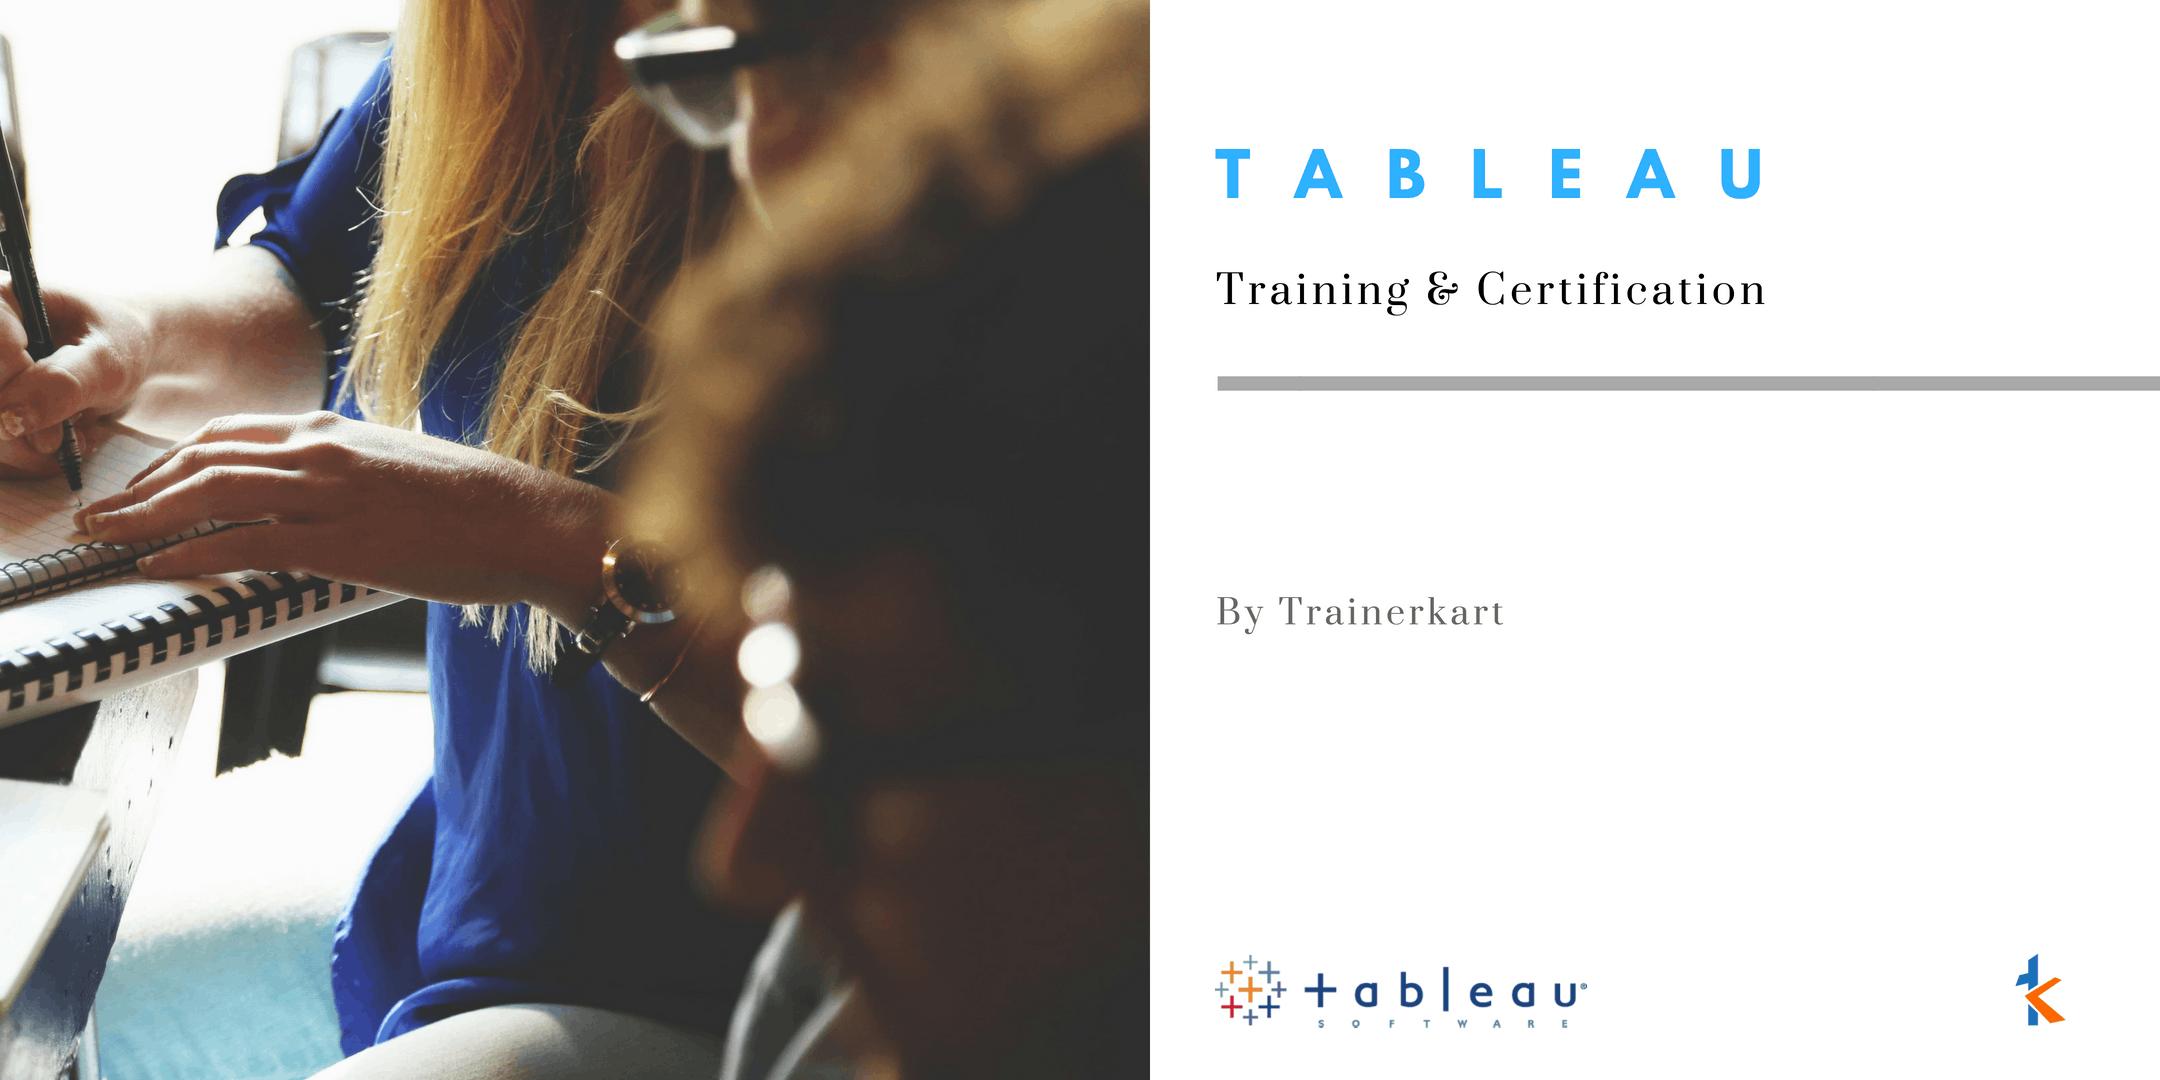 Tableau Training & Certification in Fargo, ND